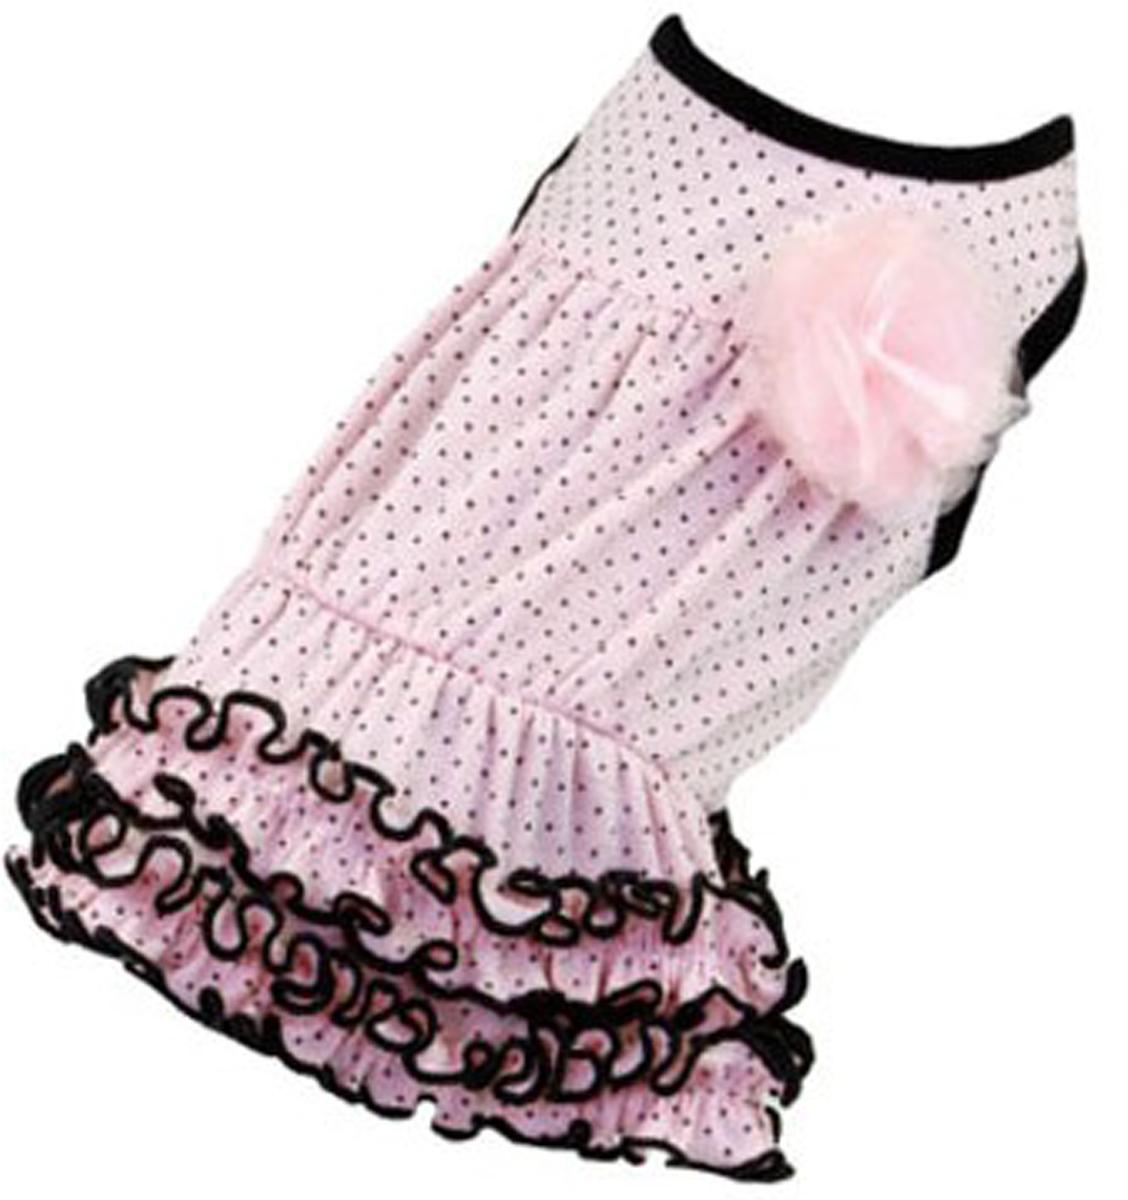 Платье для собак Dobaz, цвет: светло-розовый. ДА13019СХЛ. Размер XLДА13019СХЛШикарное платье с принтом в горошек Dobaz выполнено из плотного хлопка. На спинке декоративная брошь-цветочек. Юбочка оформлена рюшами. Модель идеально сидит и не сковывает движения. В таком платье ваша собачка будет самой красивой на прогулке. Обхват шеи: 34 см.Обхват груди: 54 см.Длина спинки: 36 см.Одежда для собак: нужна ли она и как её выбрать. Статья OZON Гид